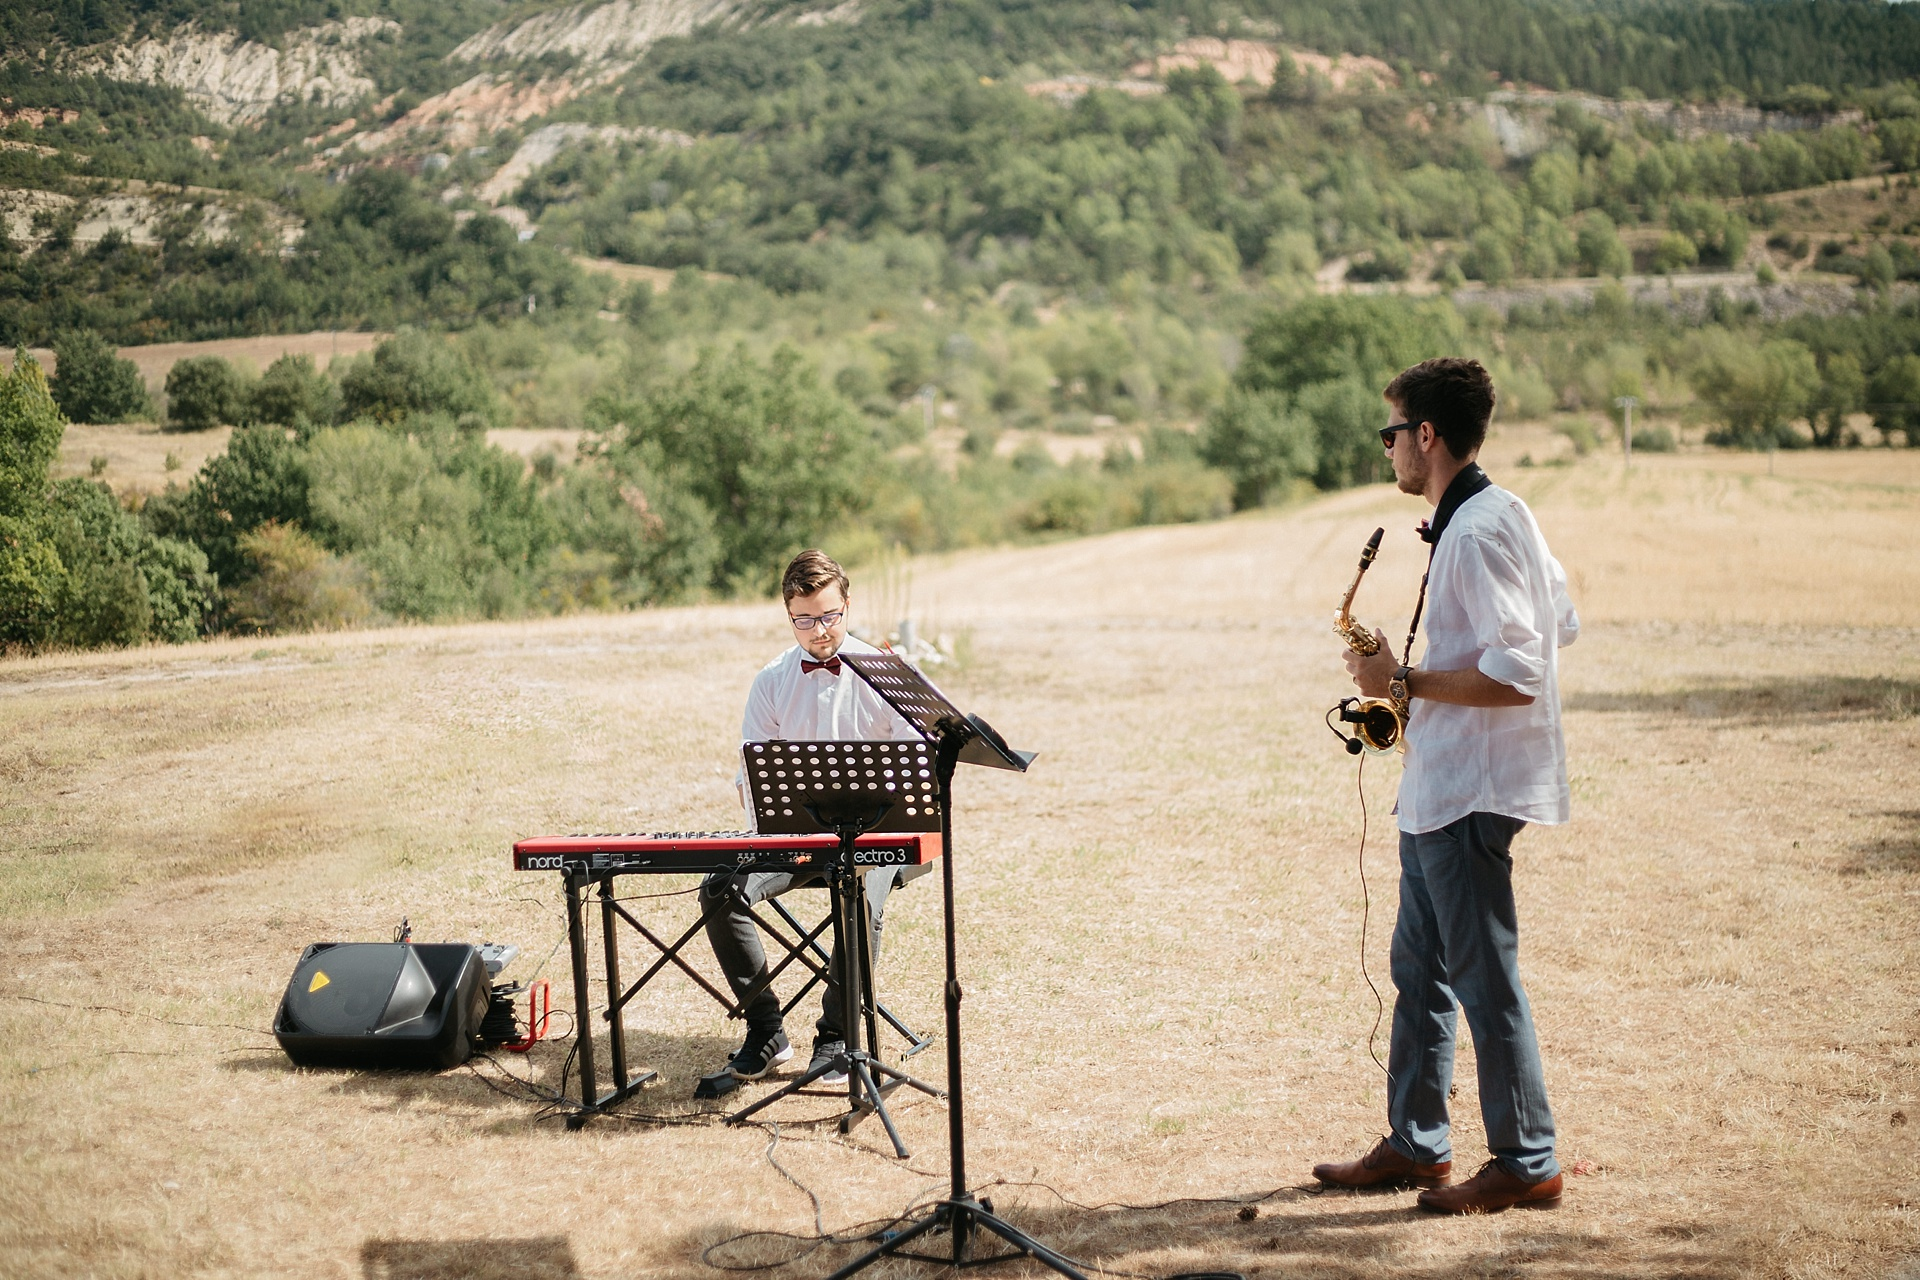 Traumhafte Hochzeit in der Provence. MYNONZO. Musikalische Begleitung mit dem Saxophon. Es herrscht eine ganz besondere Stimmung.